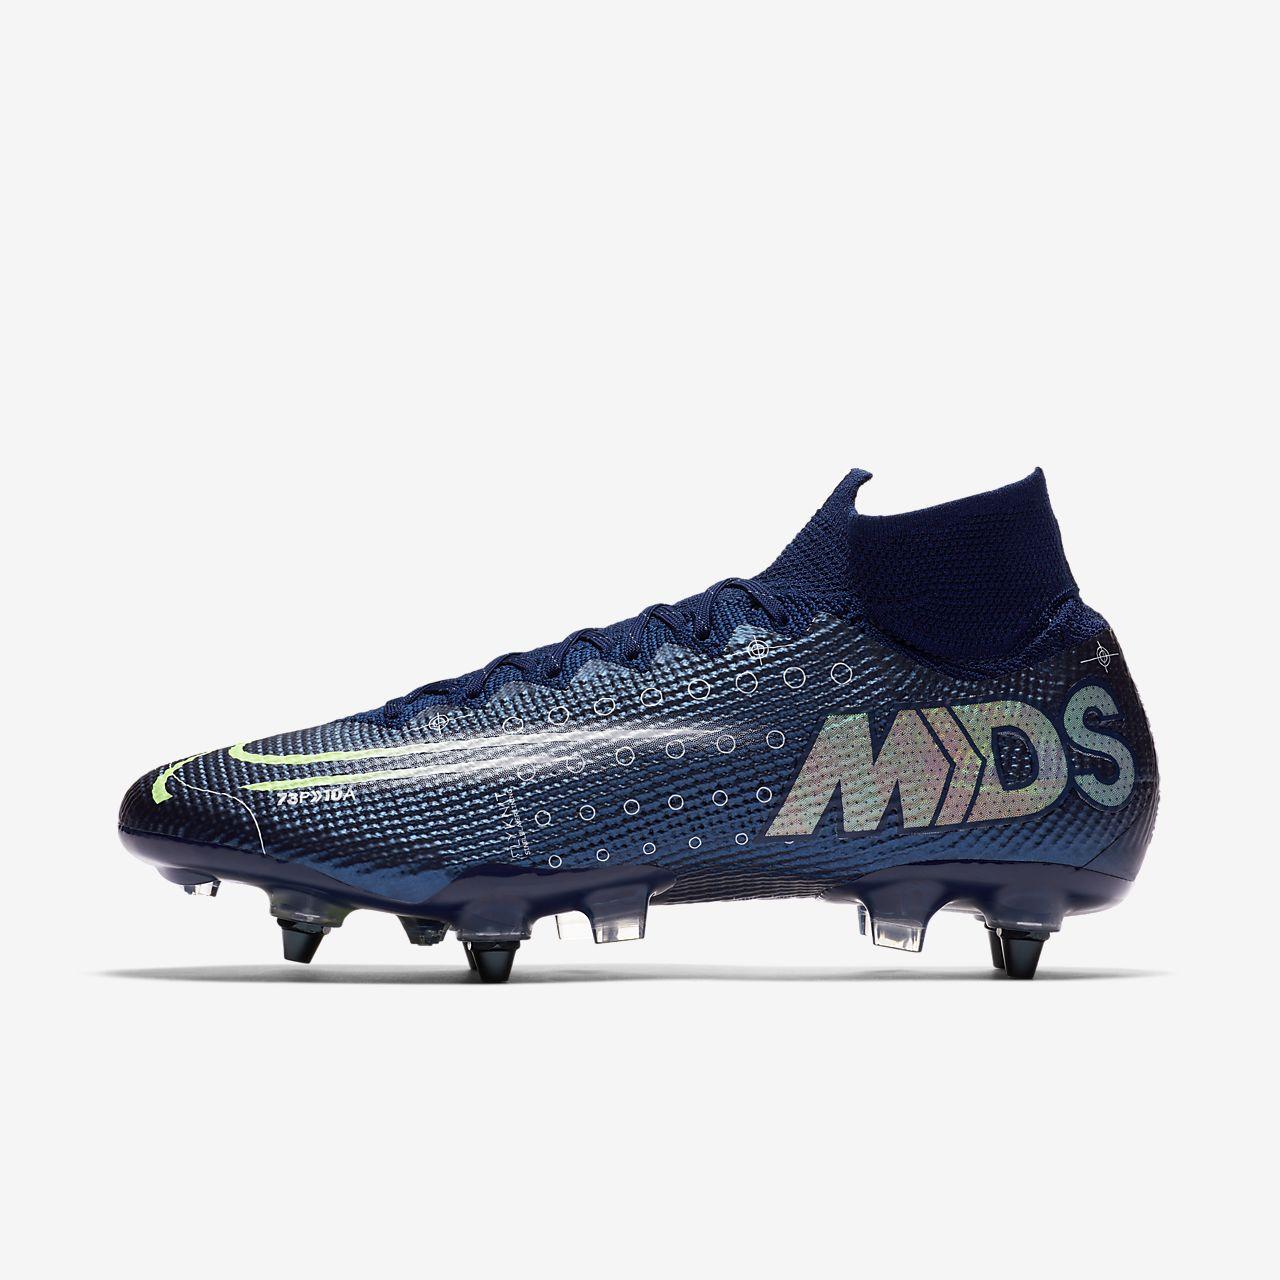 Nike Mercurial Superfly 7 Elite MDS SG-PRO Anti-Clog Traction-fodboldstøvle (vådt græs)